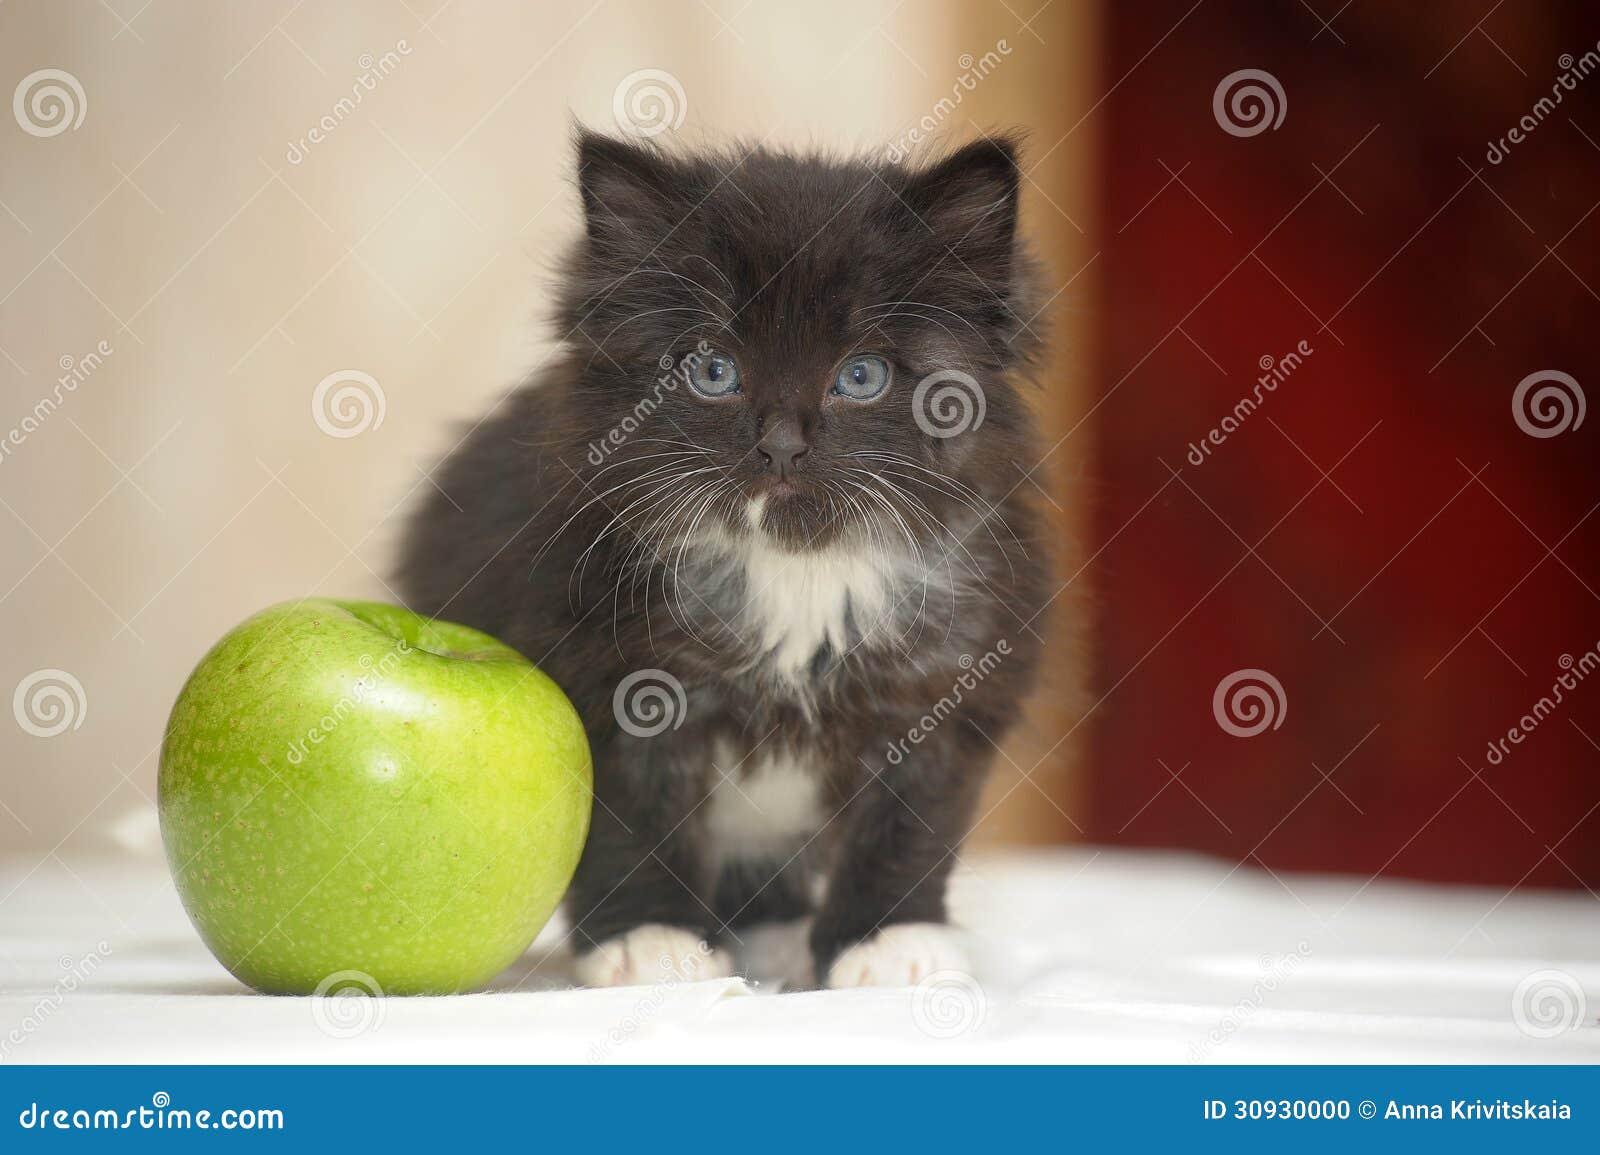 Funny fluffy black and white kitten